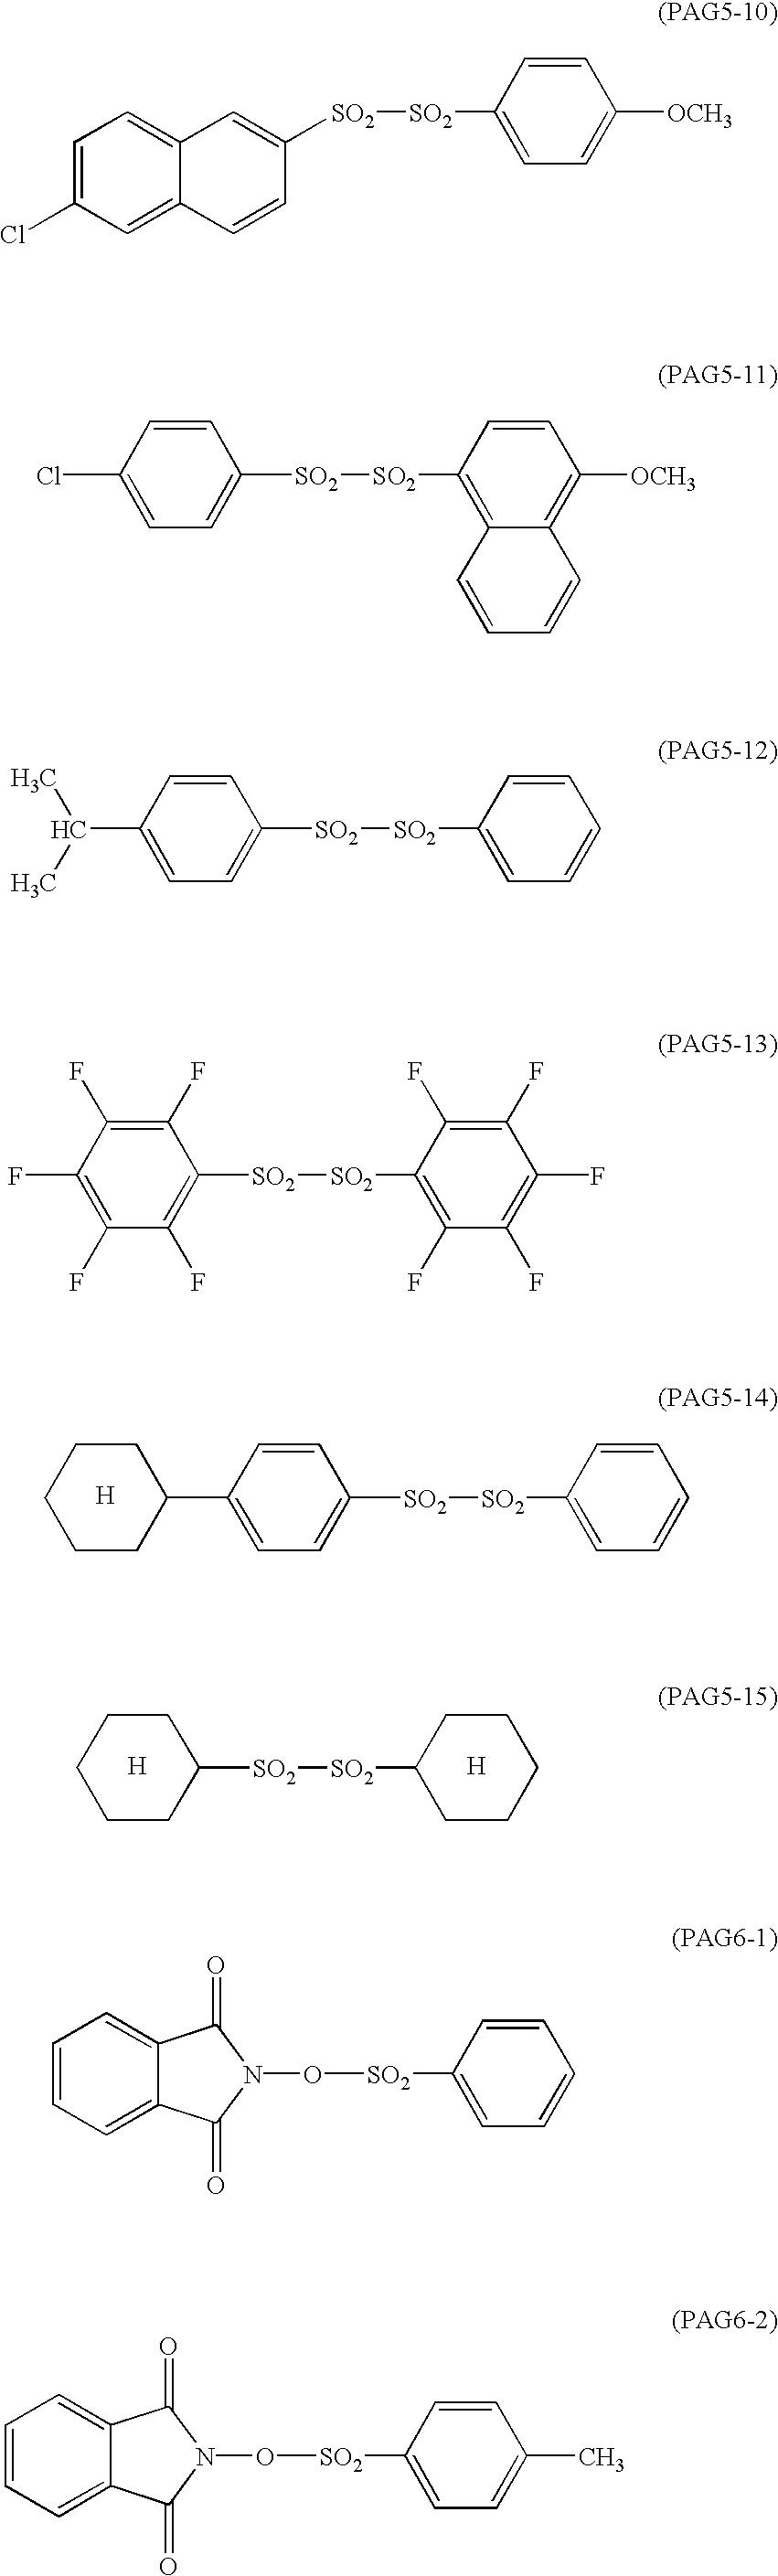 Figure US06596458-20030722-C00019